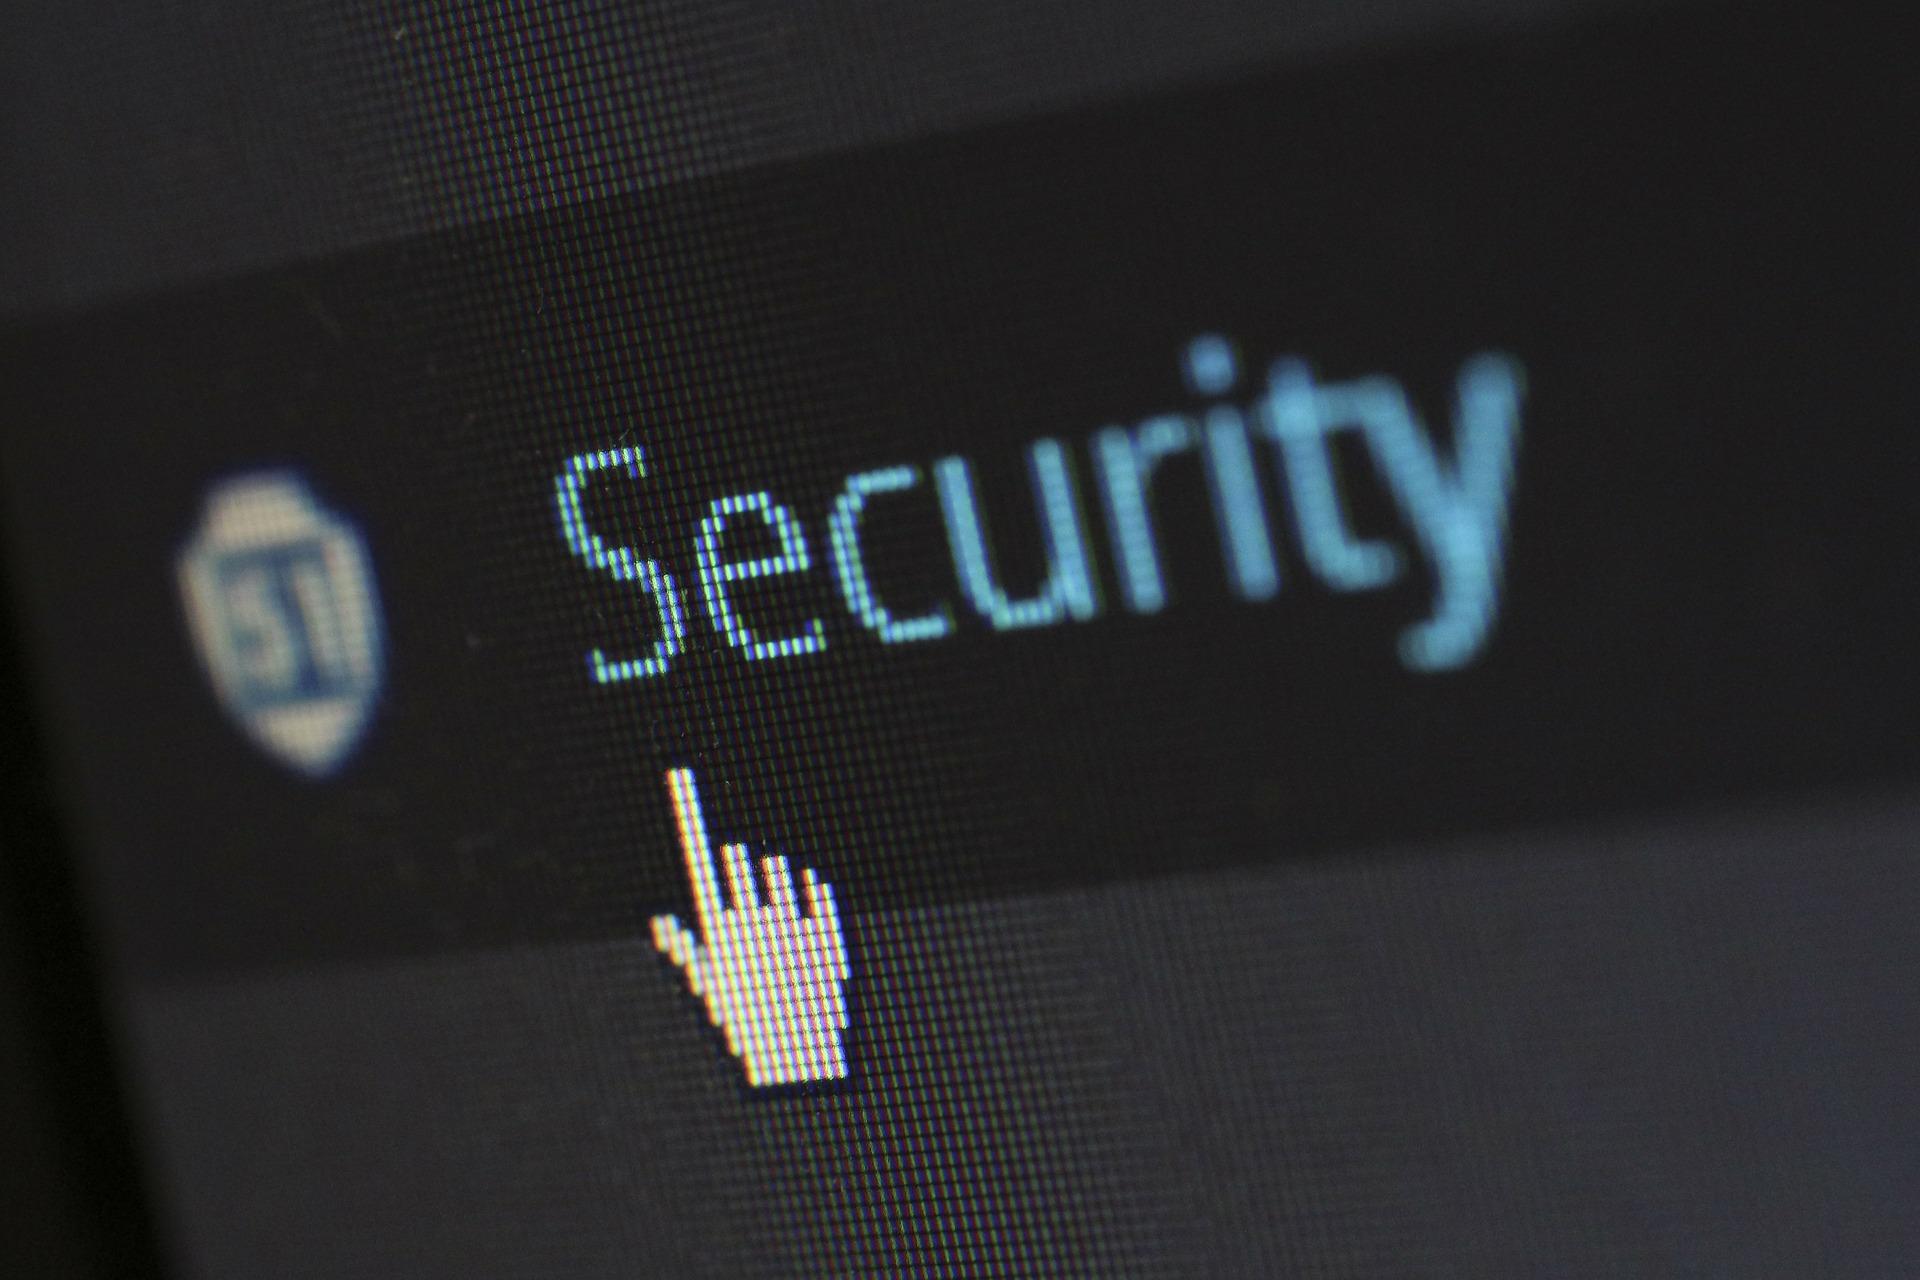 Tại sao việc bảo mật website cần được chú trọng?